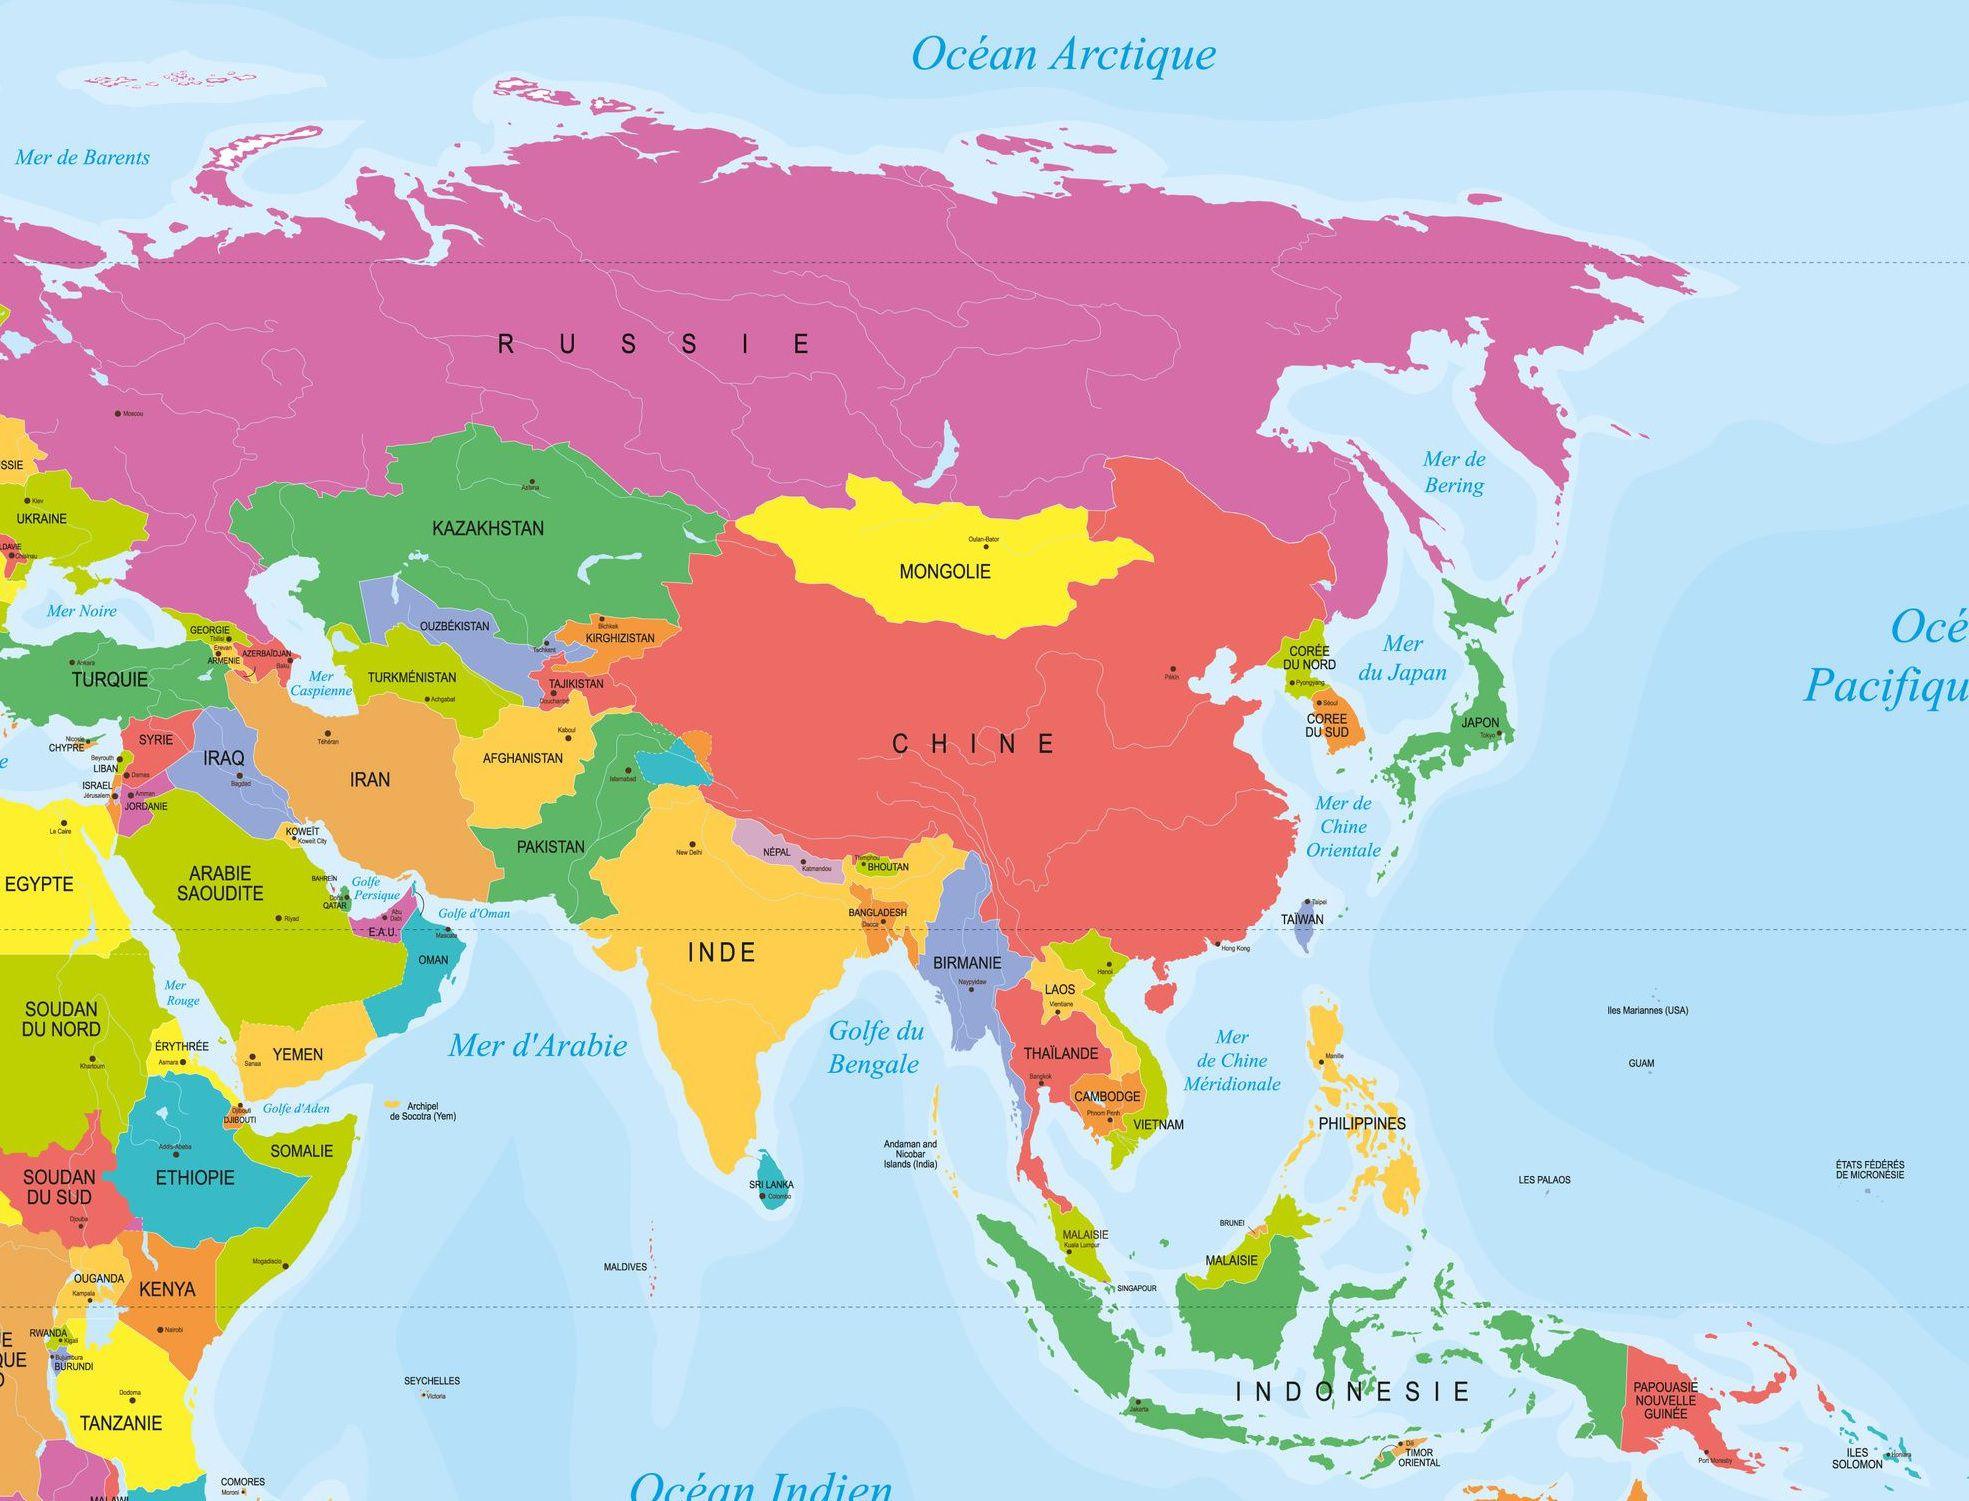 Carte Region Asie.Carte De L Asie Differentes Cartes A Themes Sur L Asie